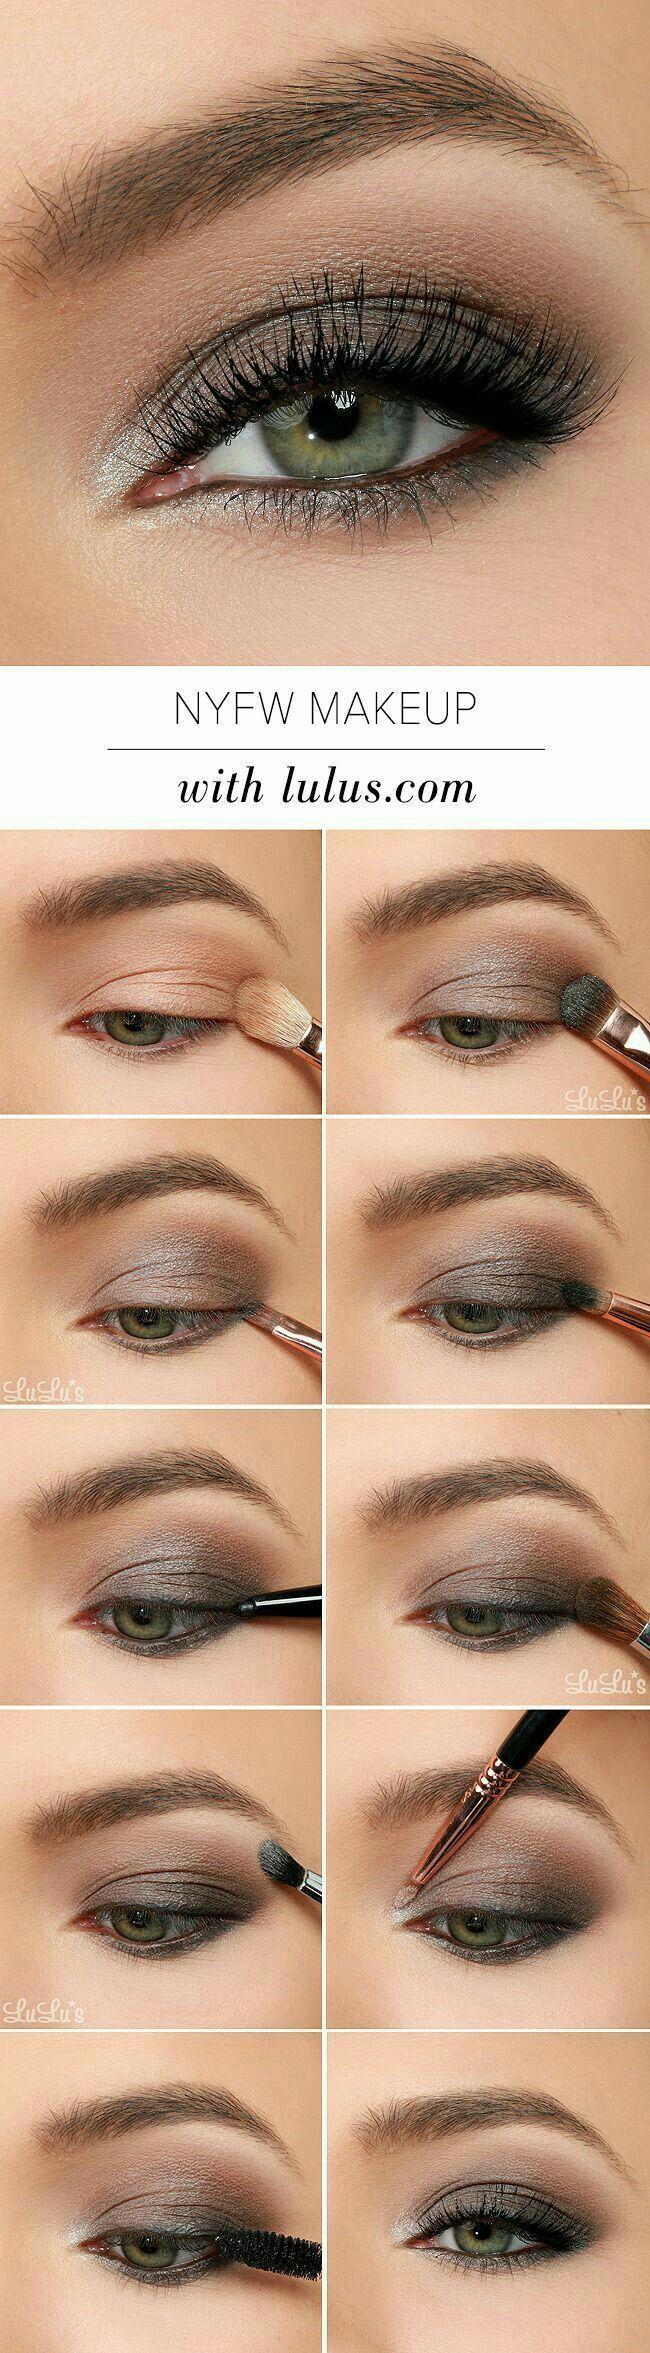 Eye Makeup Styles Makeup Pinterest Makeup Eye And Hair Makeup